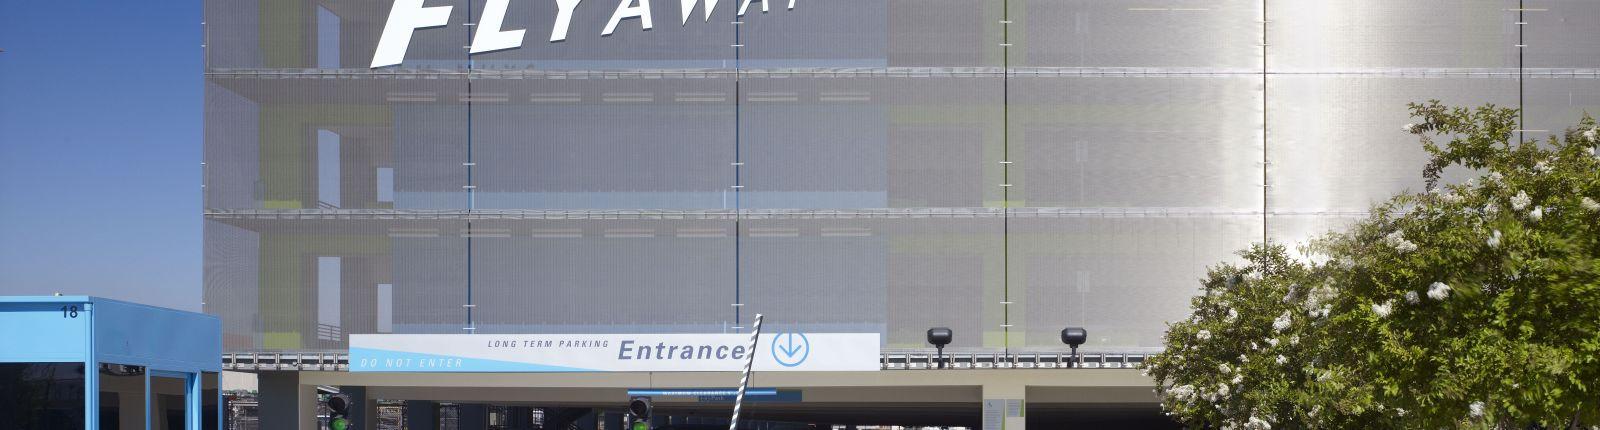 Architekturgewebe von GKD: Sonnenschutzfassade am Van Nuys Airport